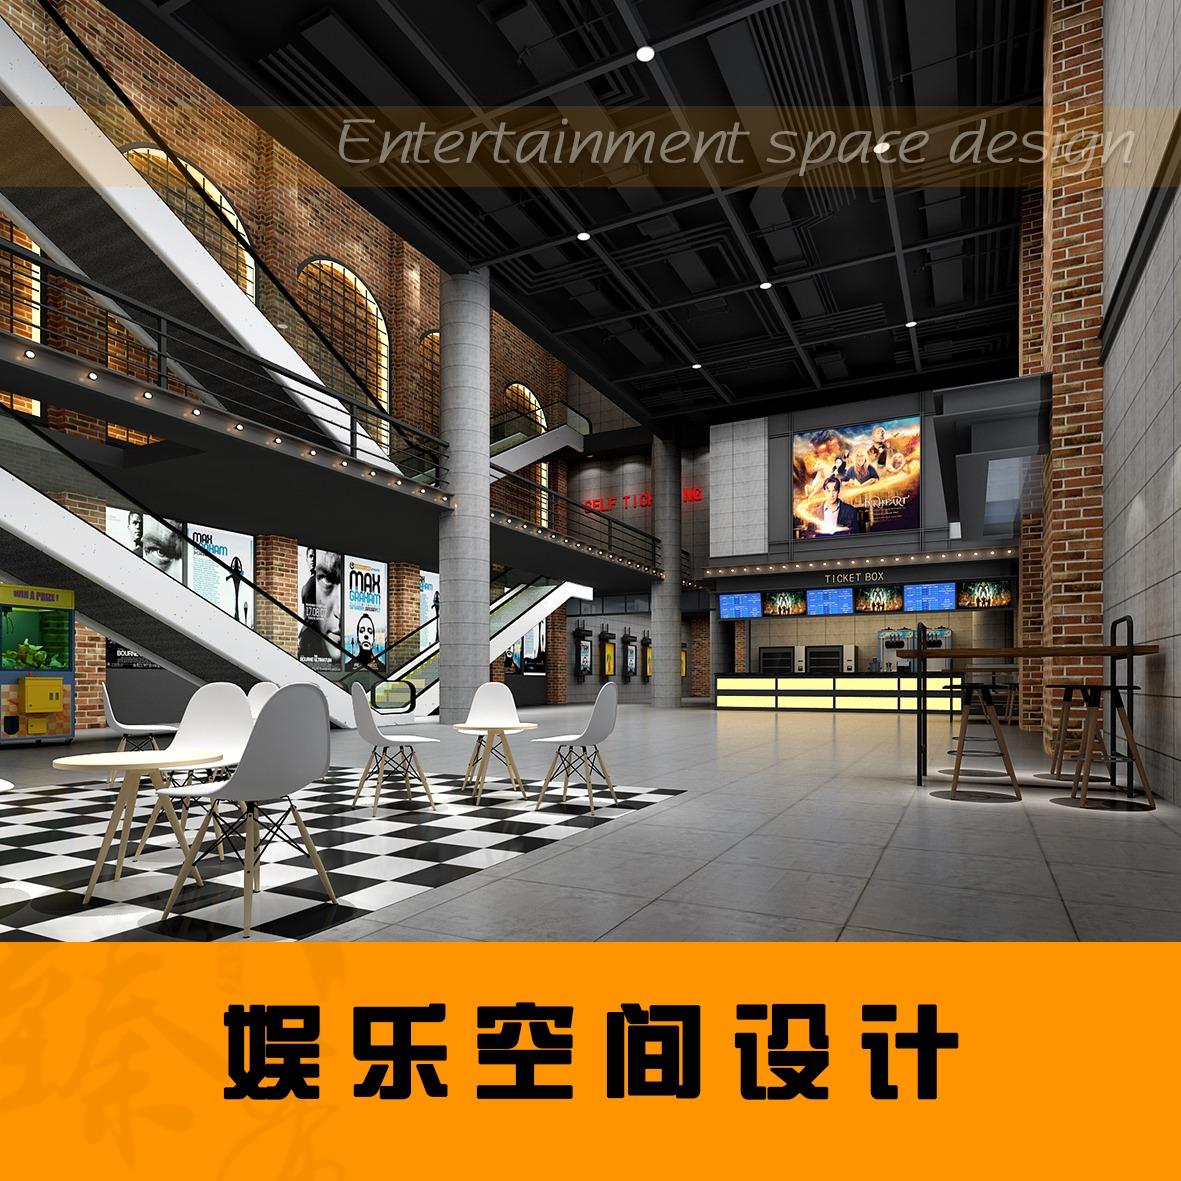 休闲娱乐会所设计咖啡厅茶楼茶道茶庄设计奶茶主题餐饮效果图设计